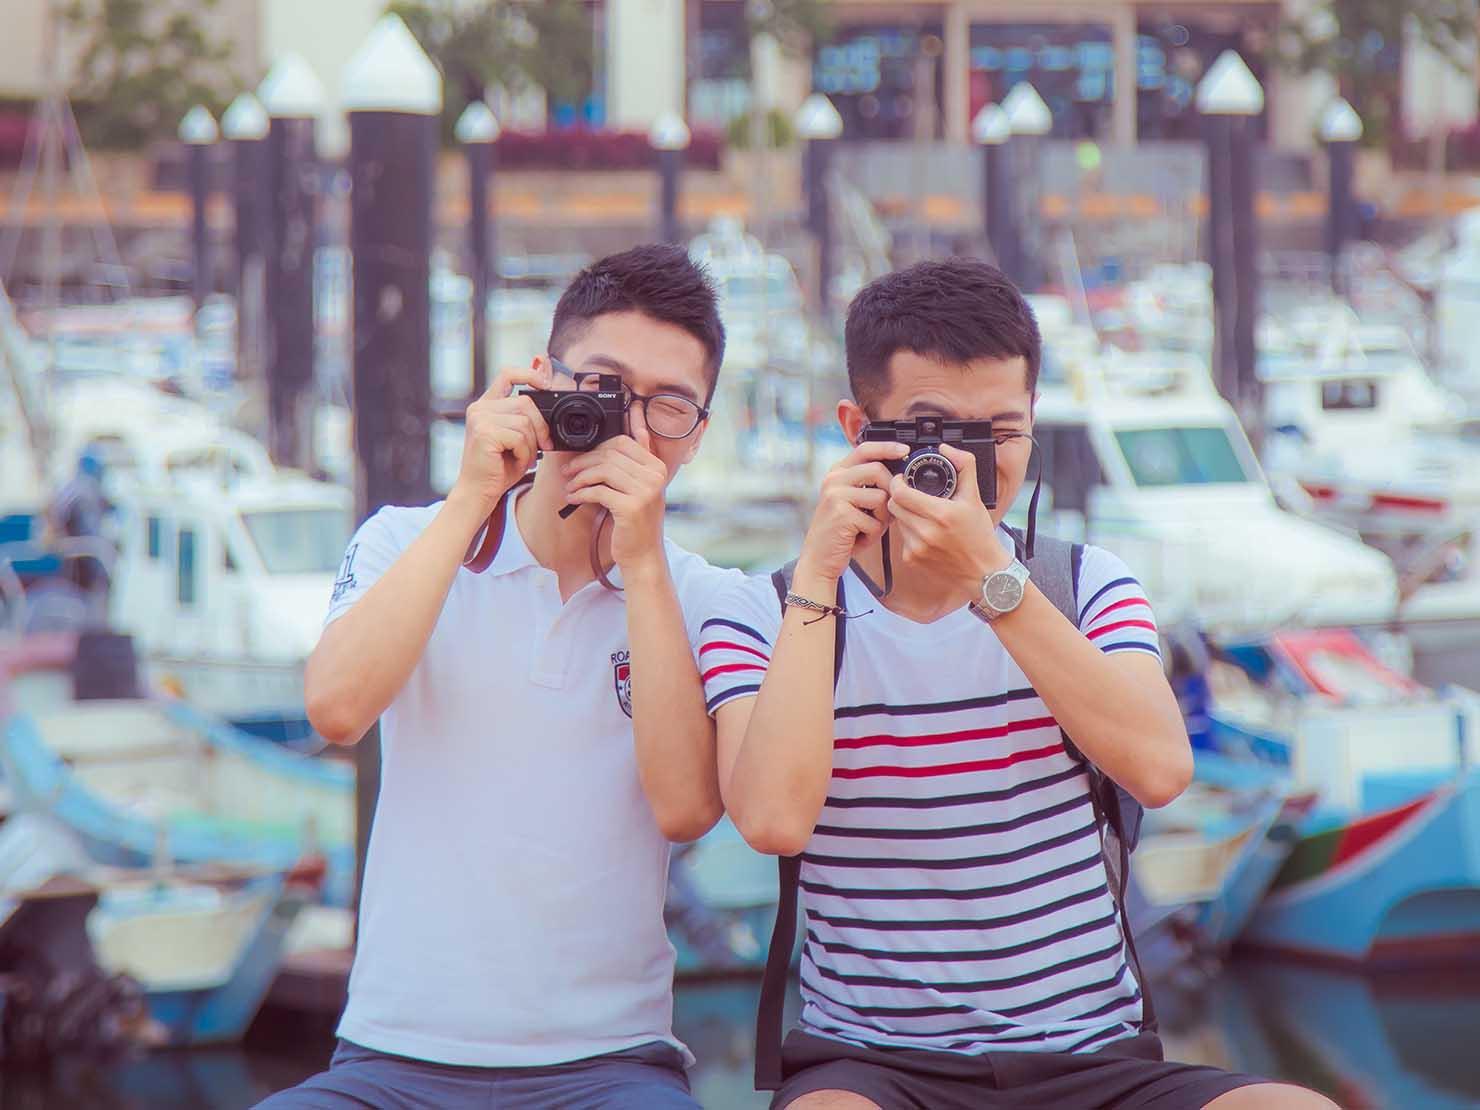 KKday台湾旅行・出張撮影サービス撮影サンプル(カメラを構える2人)